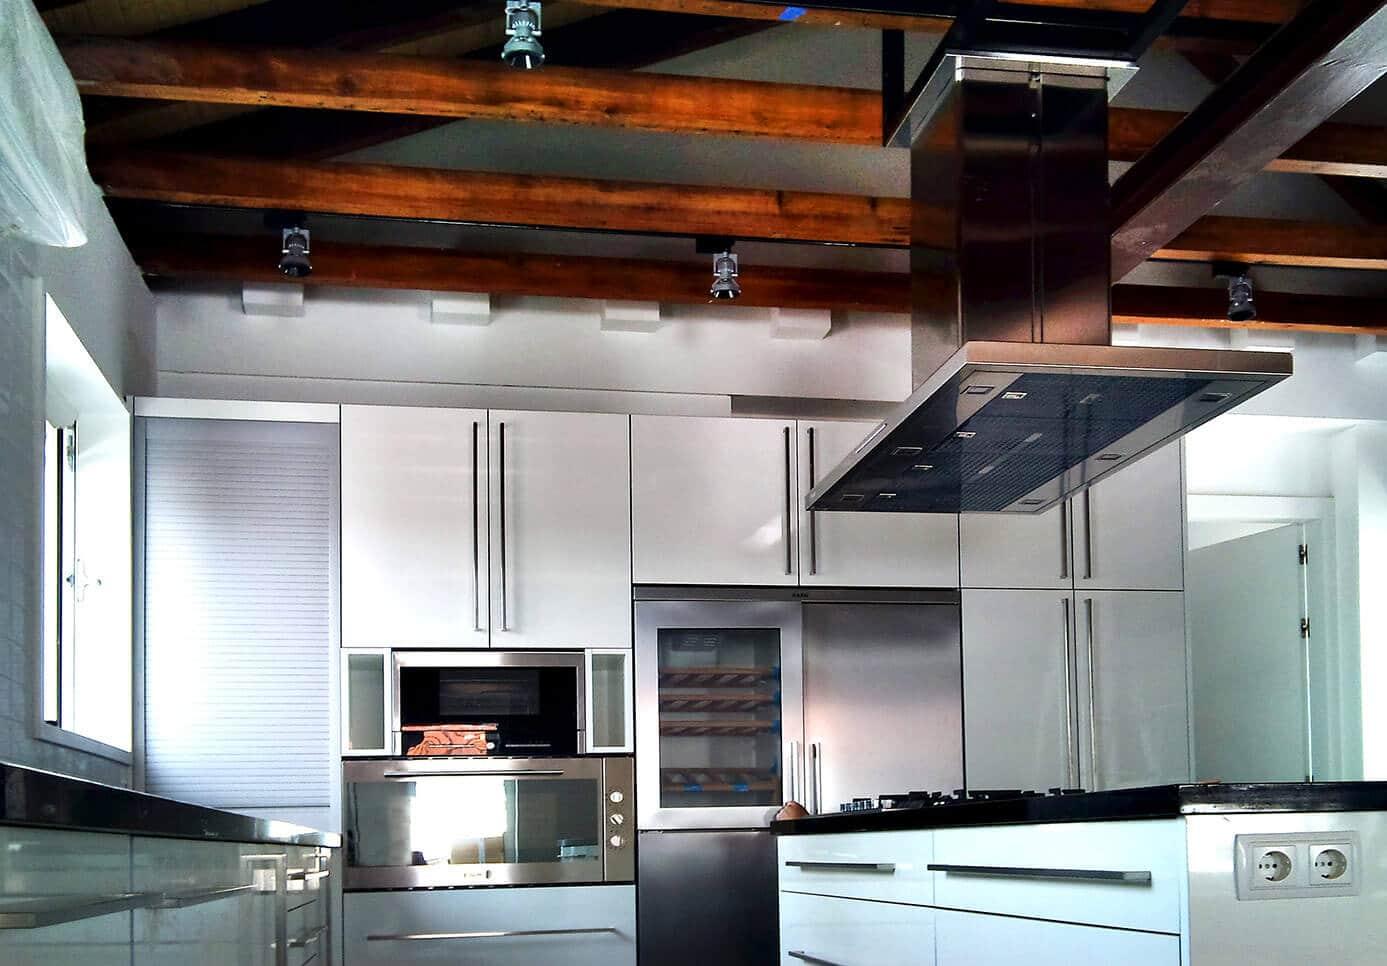 Fabricas de muebles de cocina excellent muebles para cocina with fabricas de muebles de cocina - Fabrica cocinas madrid ...